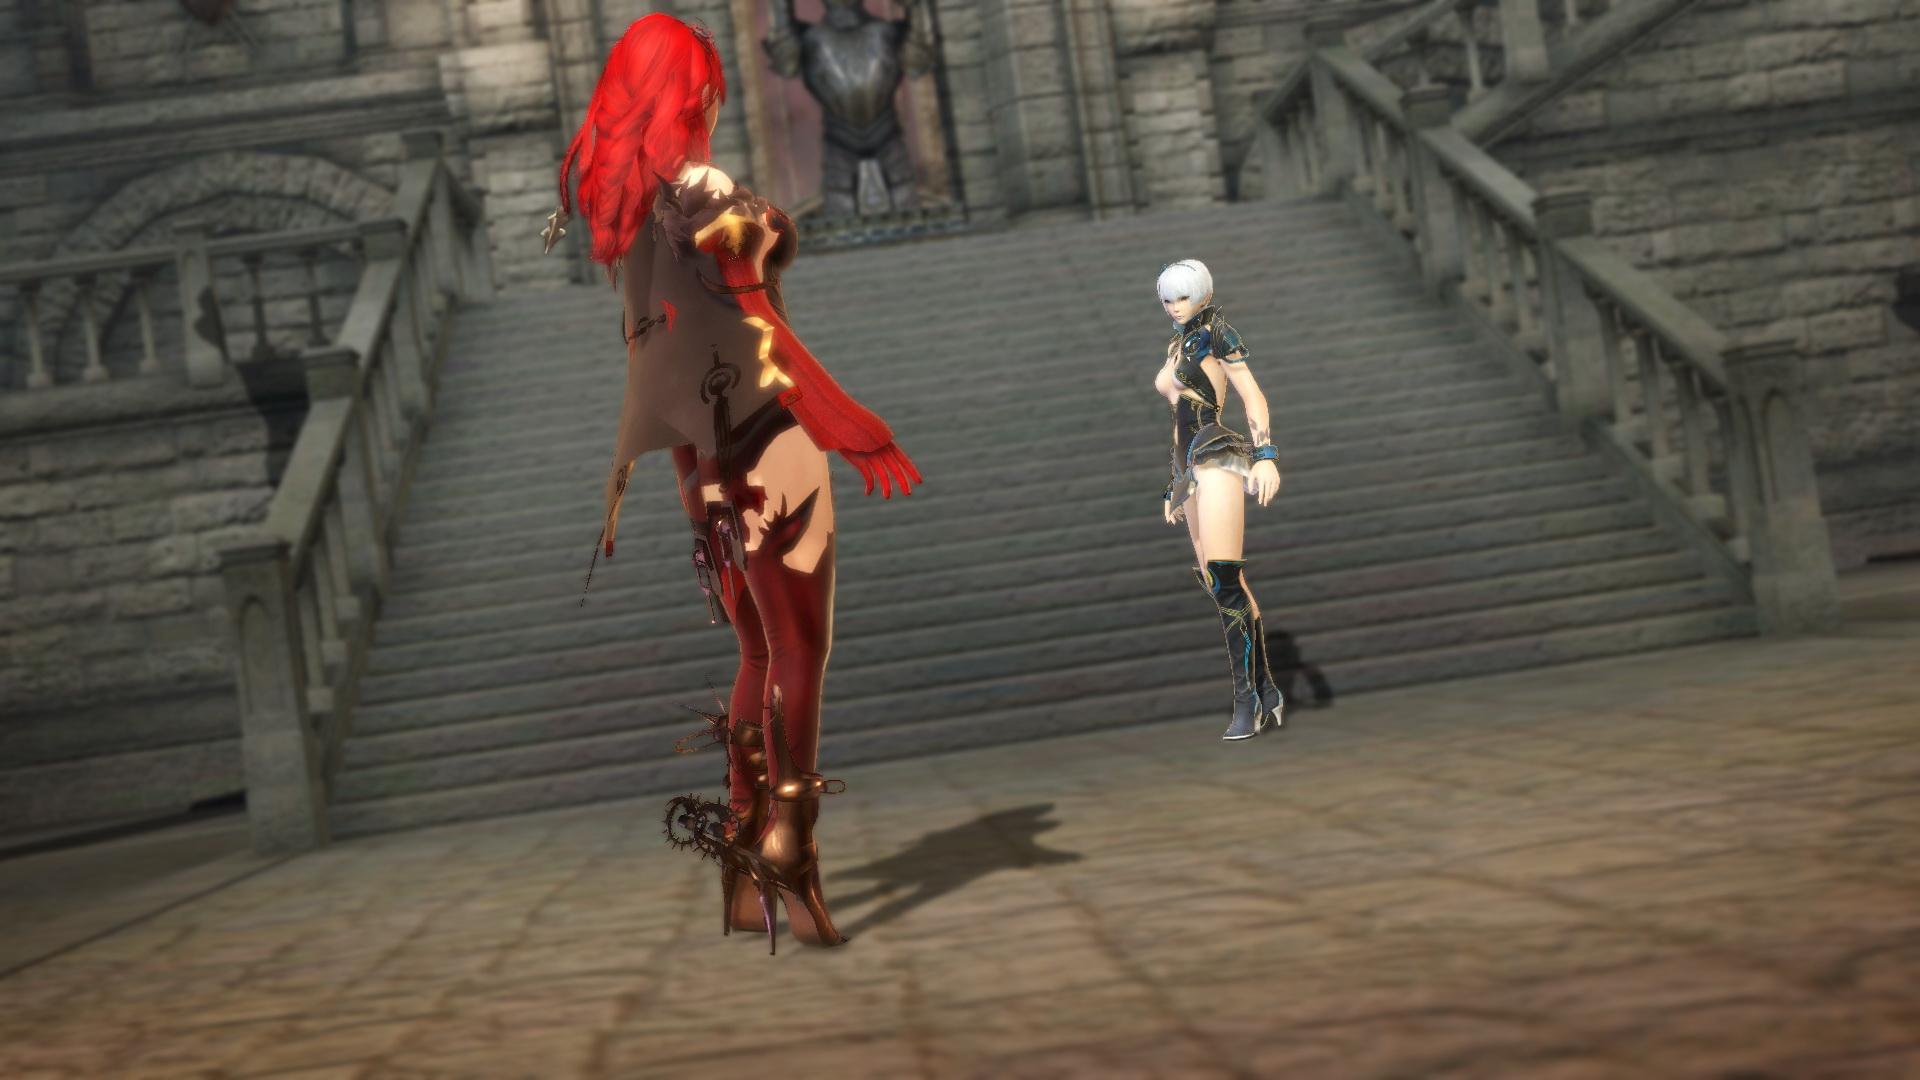 レグリナと対峙するヴェルギリエ